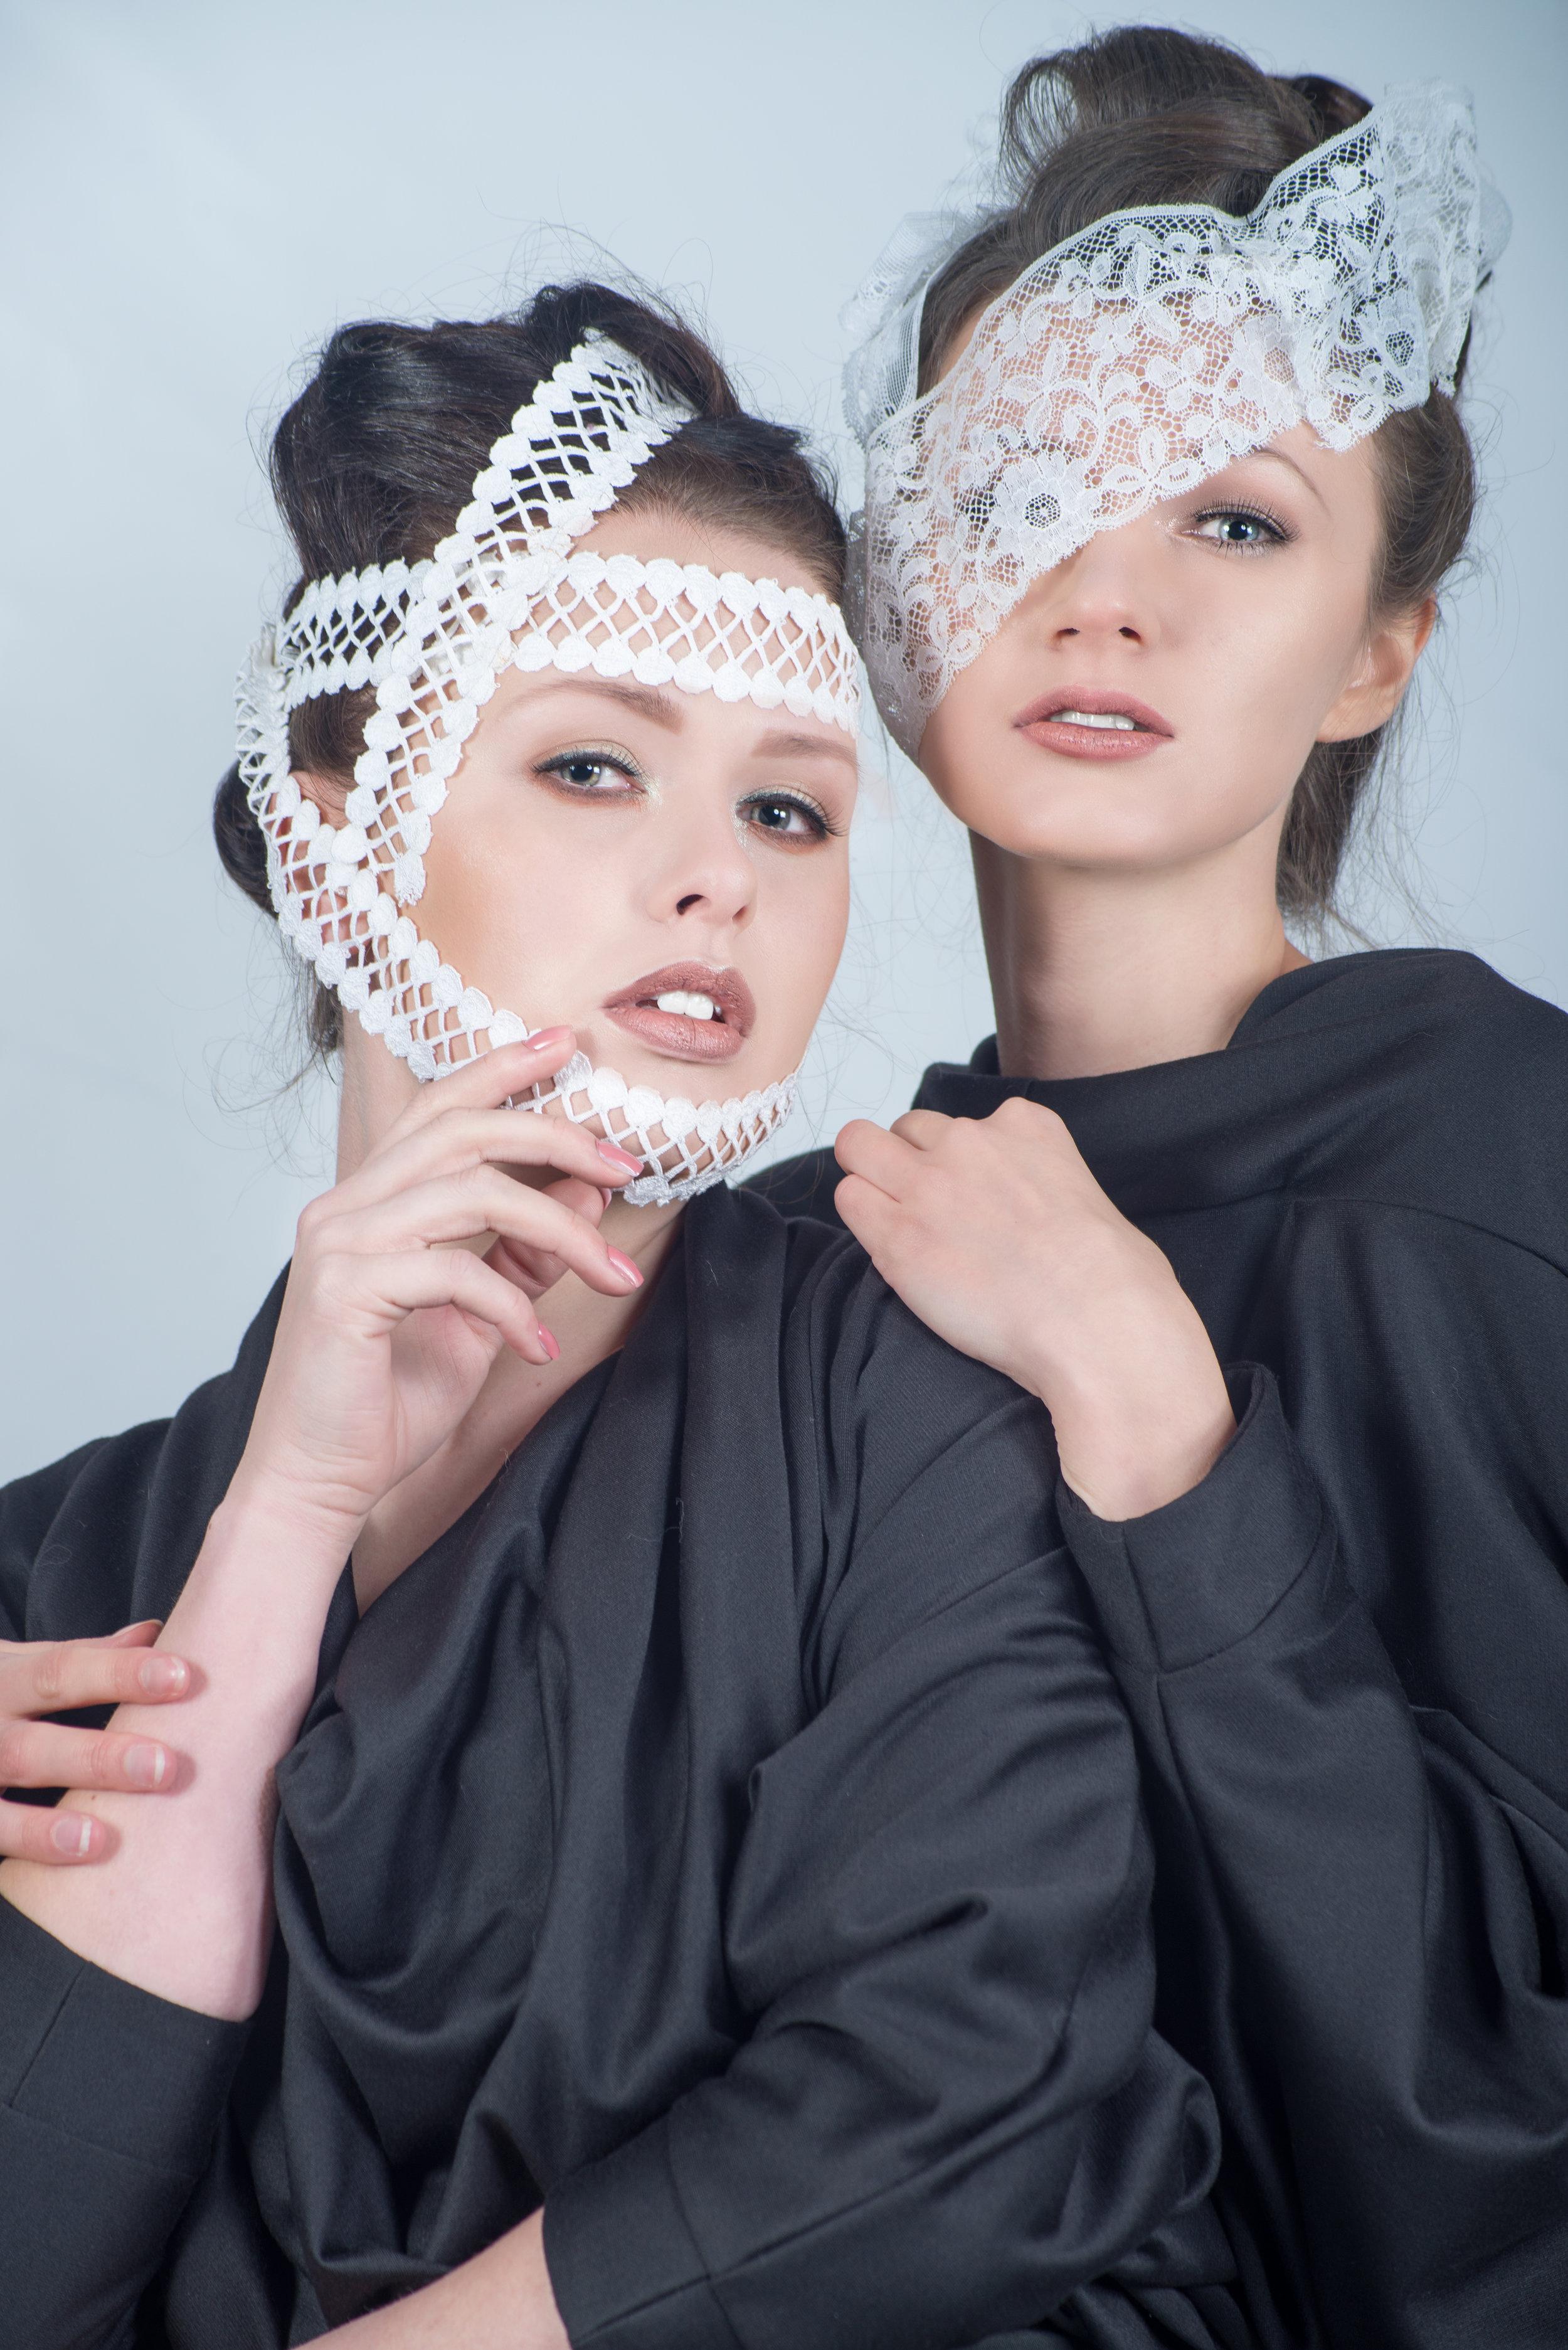 zaramia-ava-zaramiaava-leeds-fashion-designer-ethical-sustainable-tailored-minimalist-aya-lace-black-obi-belt-dress-versatile-drape-cowl-styling-studio-womenswear-models-photoshoot-black-white-3